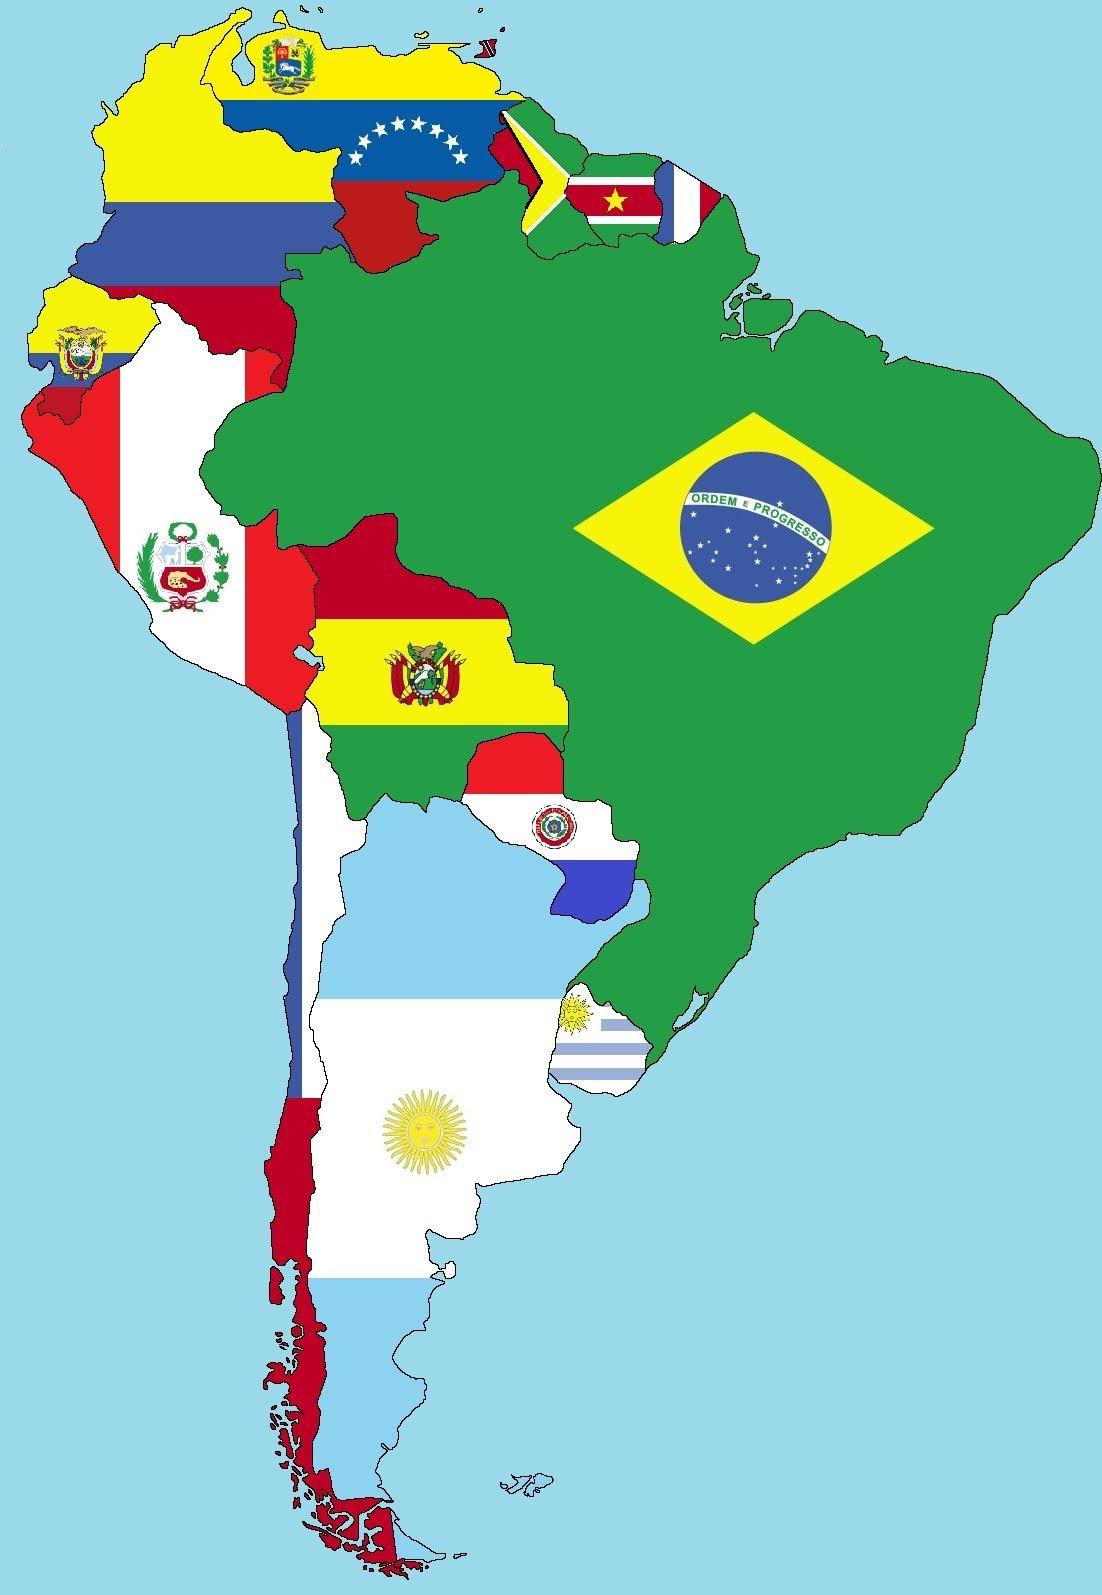 Mapa America Del Sur Con Nombres.Mapa De America Del Sur Mapa Fisico Geografico Politico